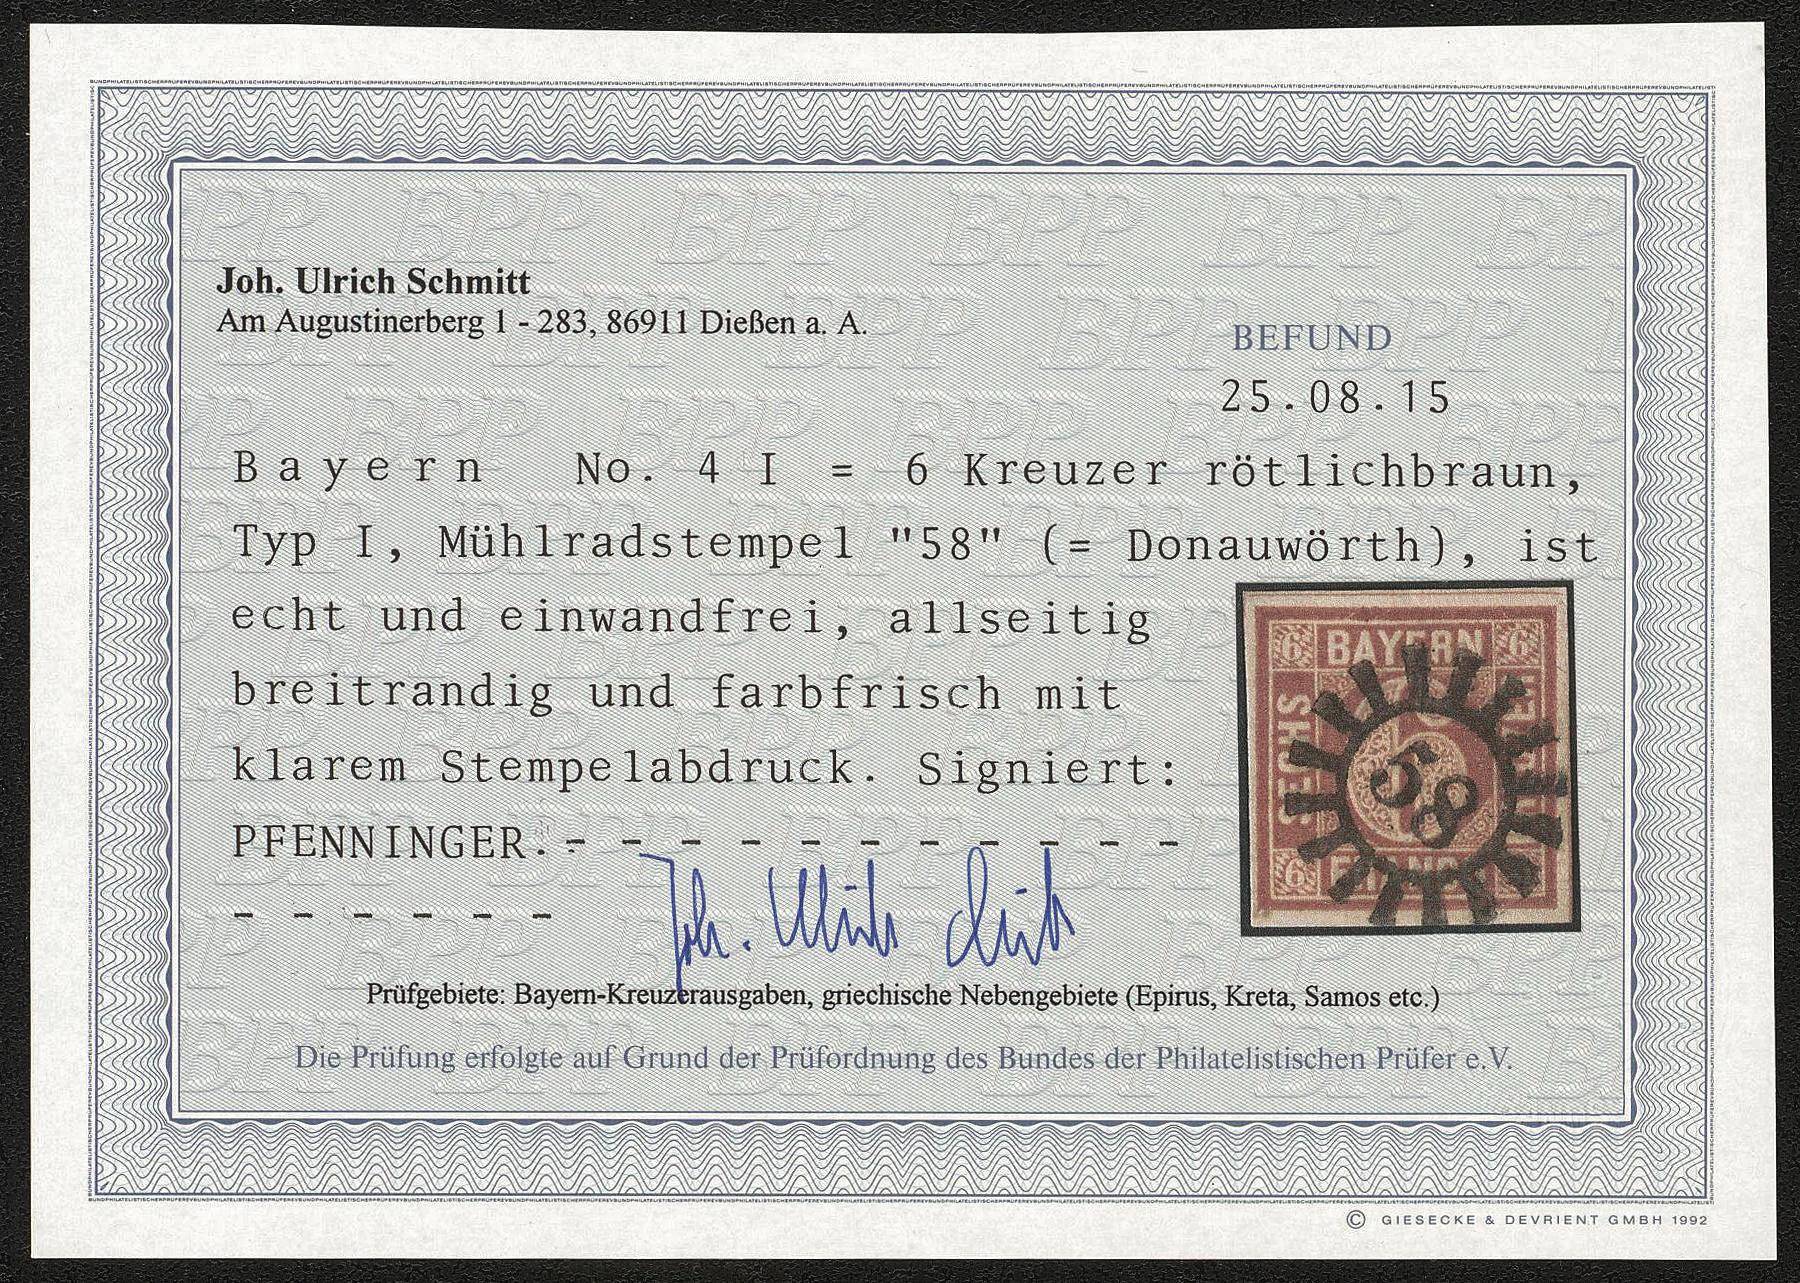 Z/äune Fitnessraum T/ürschrankschl/össer 2,75breites 1 St/ück, r/ückstellbares 5-Positionen-B/ügelschloss mit 4,57 langem Sch/äkel geeignet f/ür Schlie/ßf/ächer Schuppen Aktenschr/änke Schr/änke